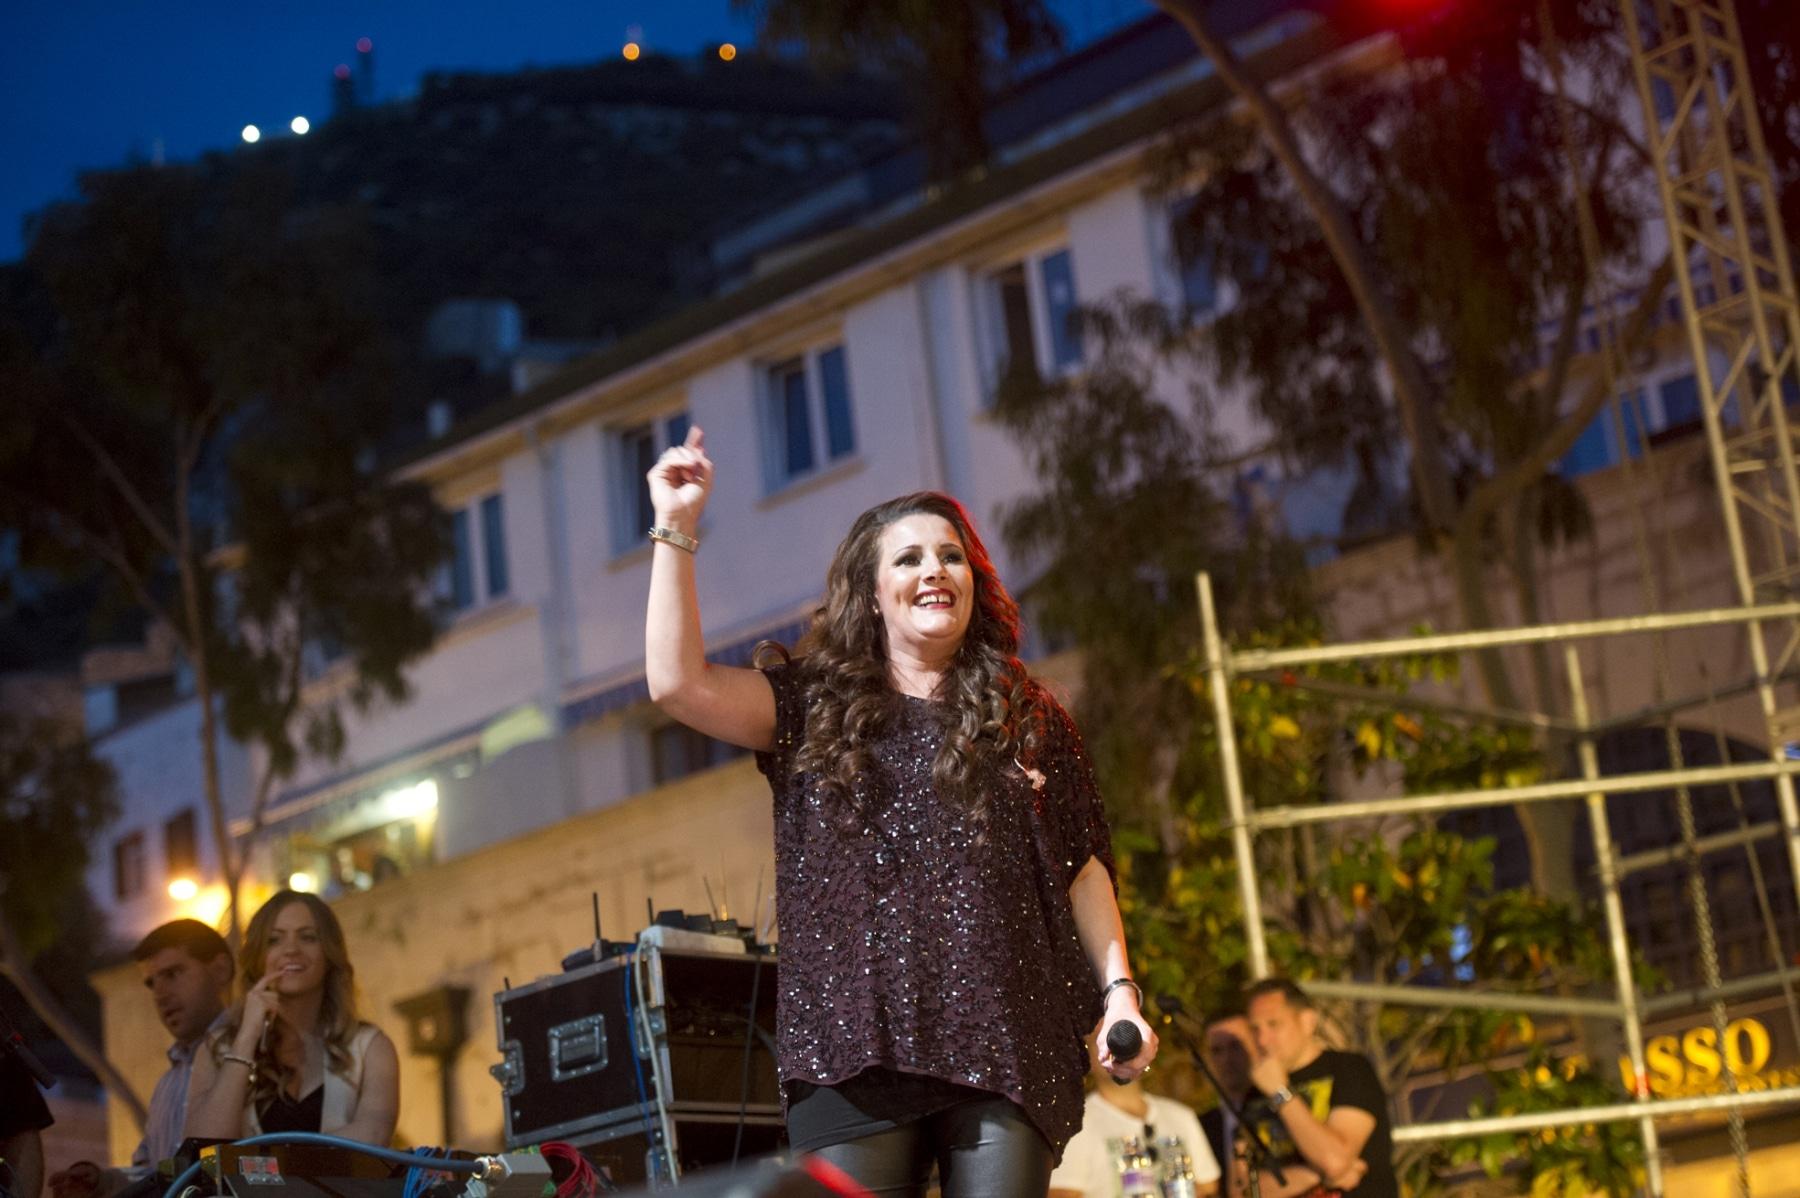 fiesta-del-1-de-mayo-en-gibraltar-01052015-09_17364148411_o